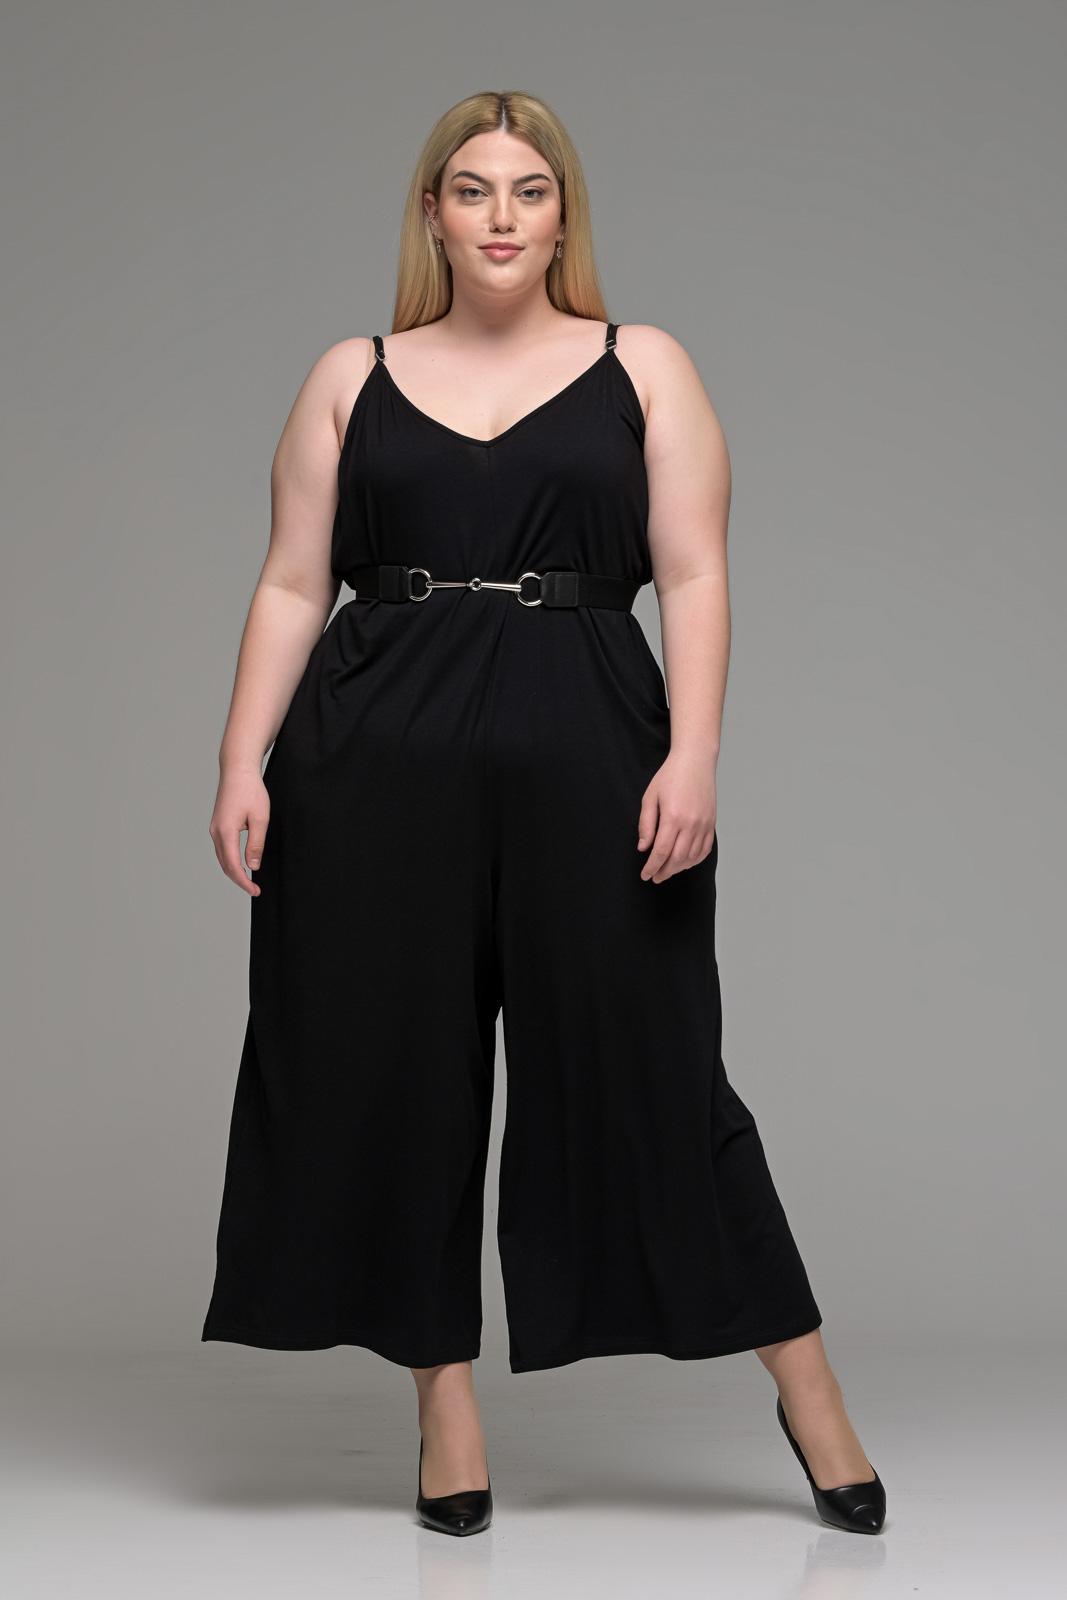 Ολόσωμη φόρμα παντελόνα  βισκόζ με ραντάκι